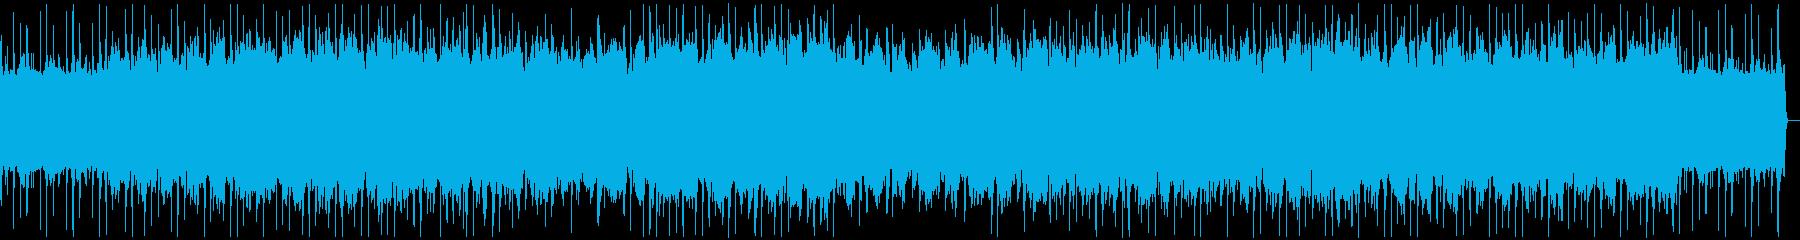 YouTube・ラジオ・大人な雰囲気の再生済みの波形